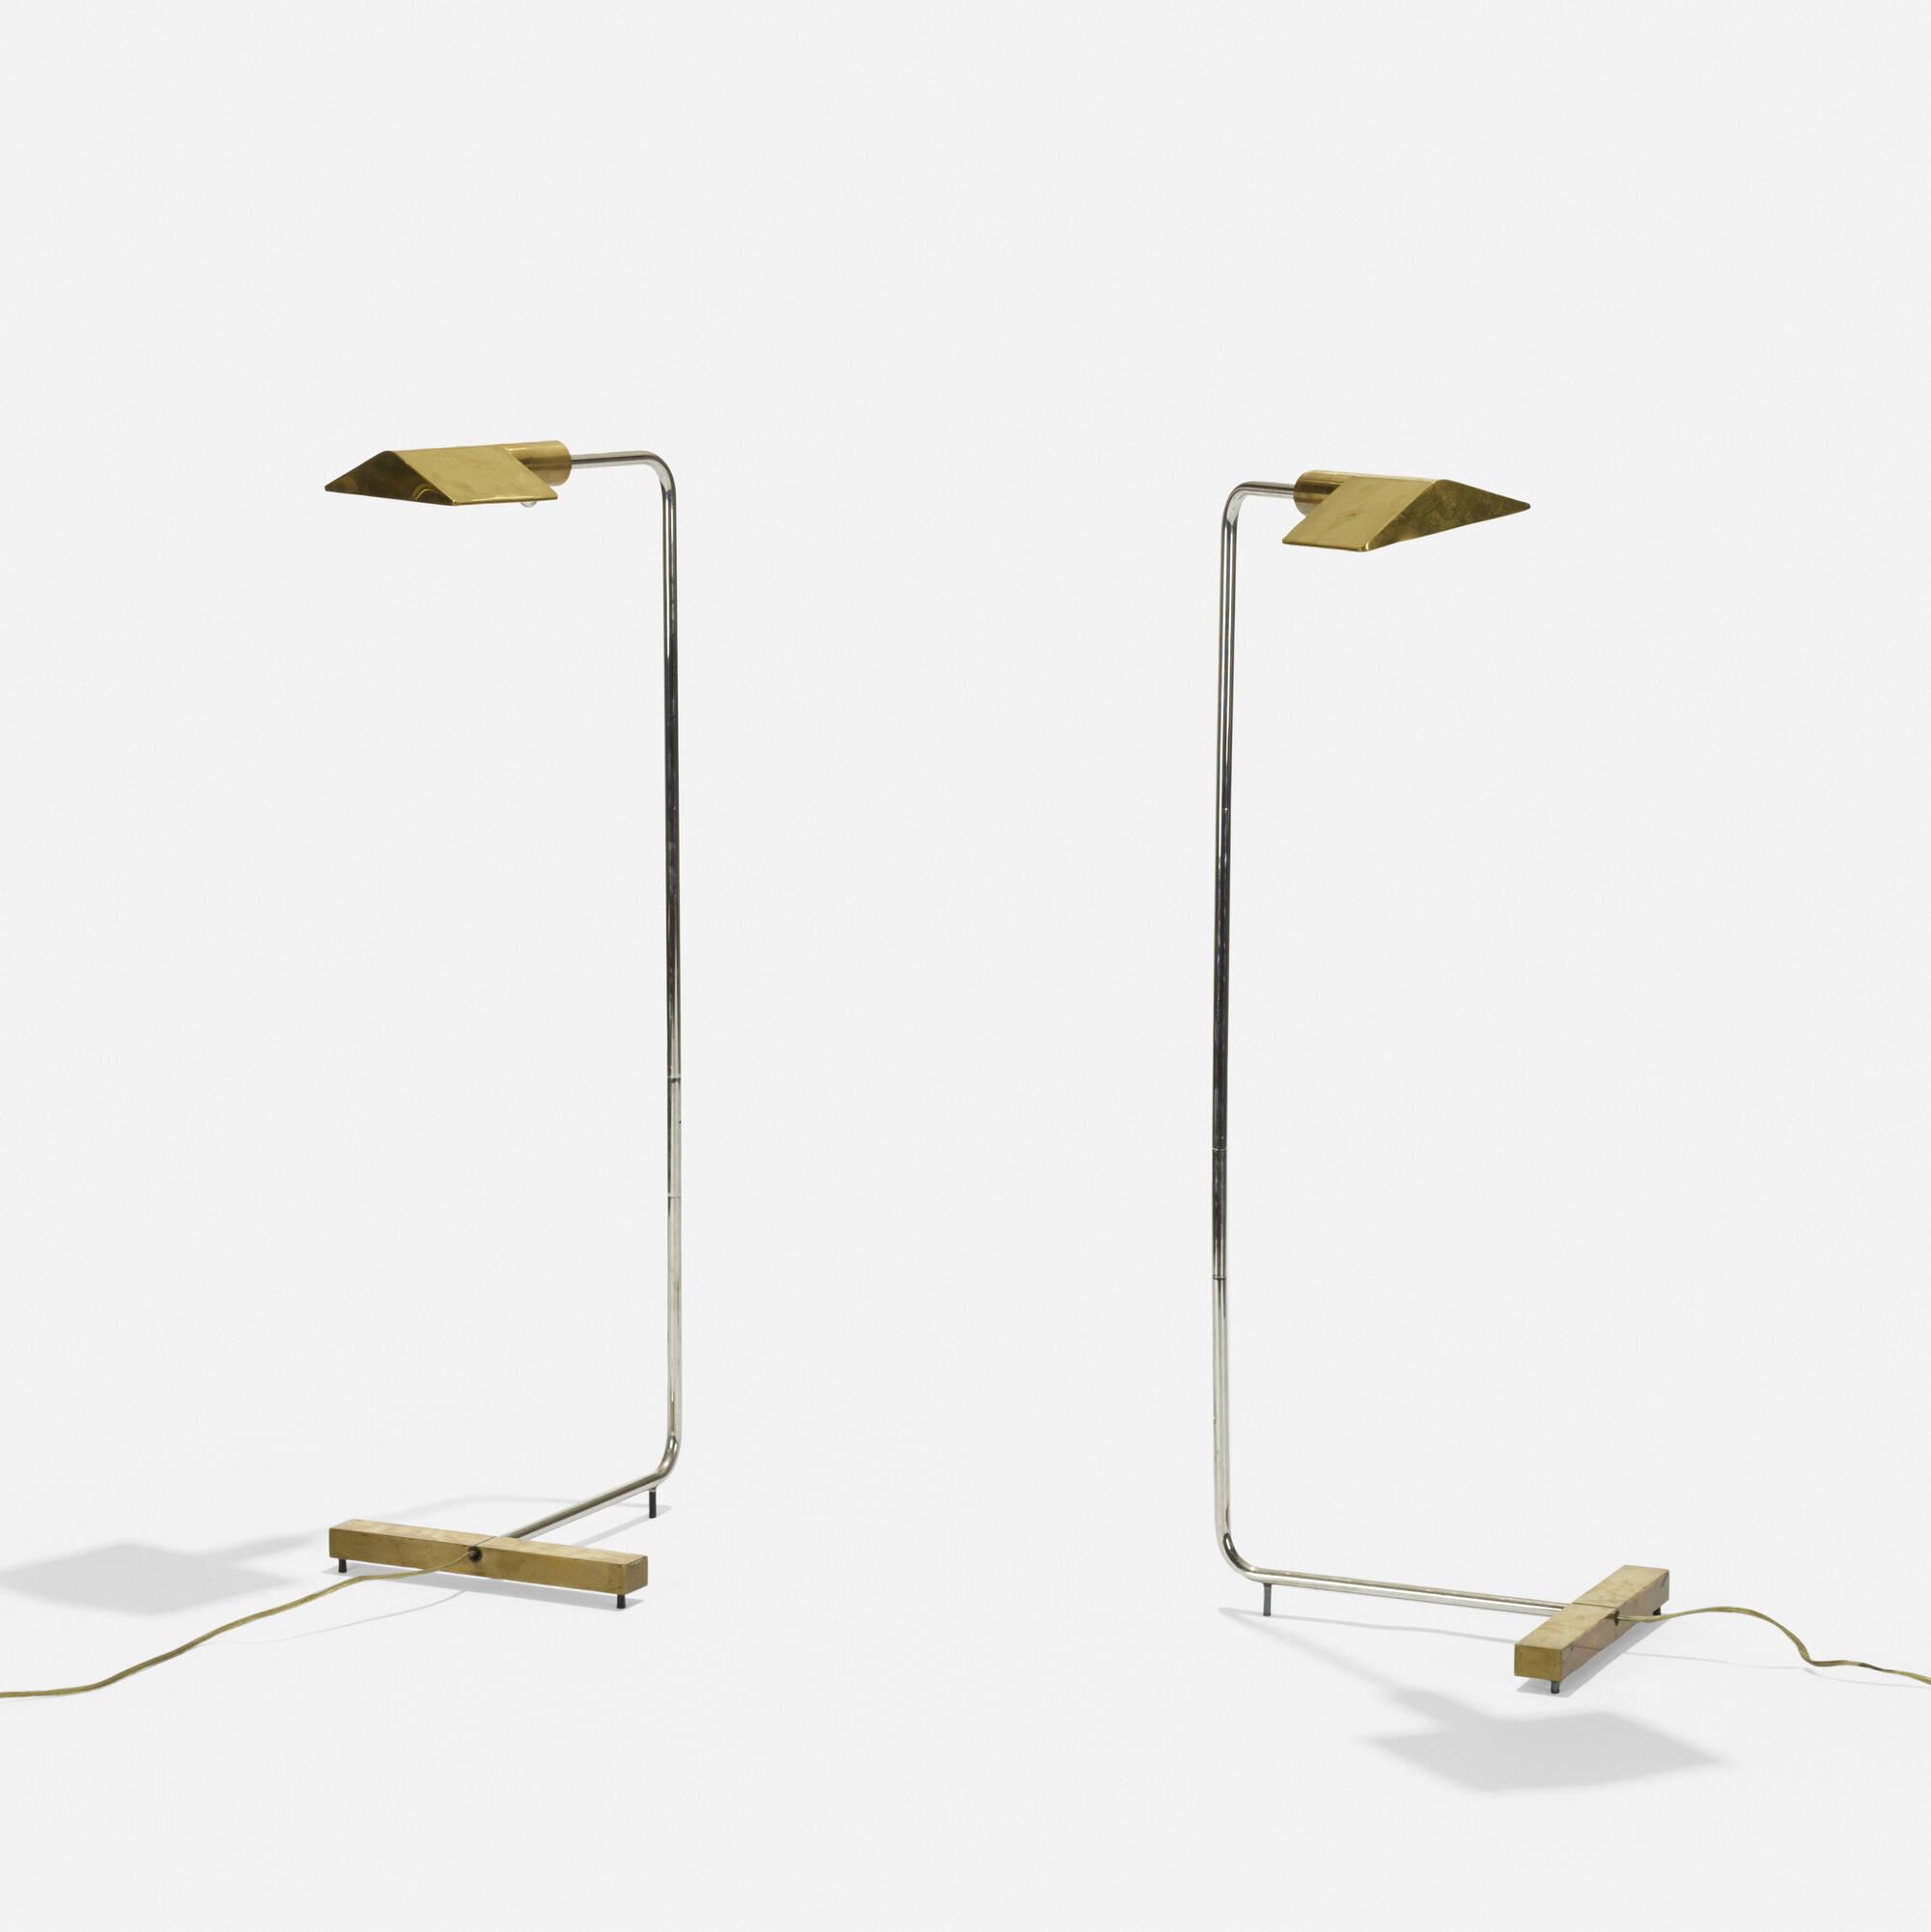 171: Cedric Hartman / floor lamps model 1U WV, pair (1 of 2)